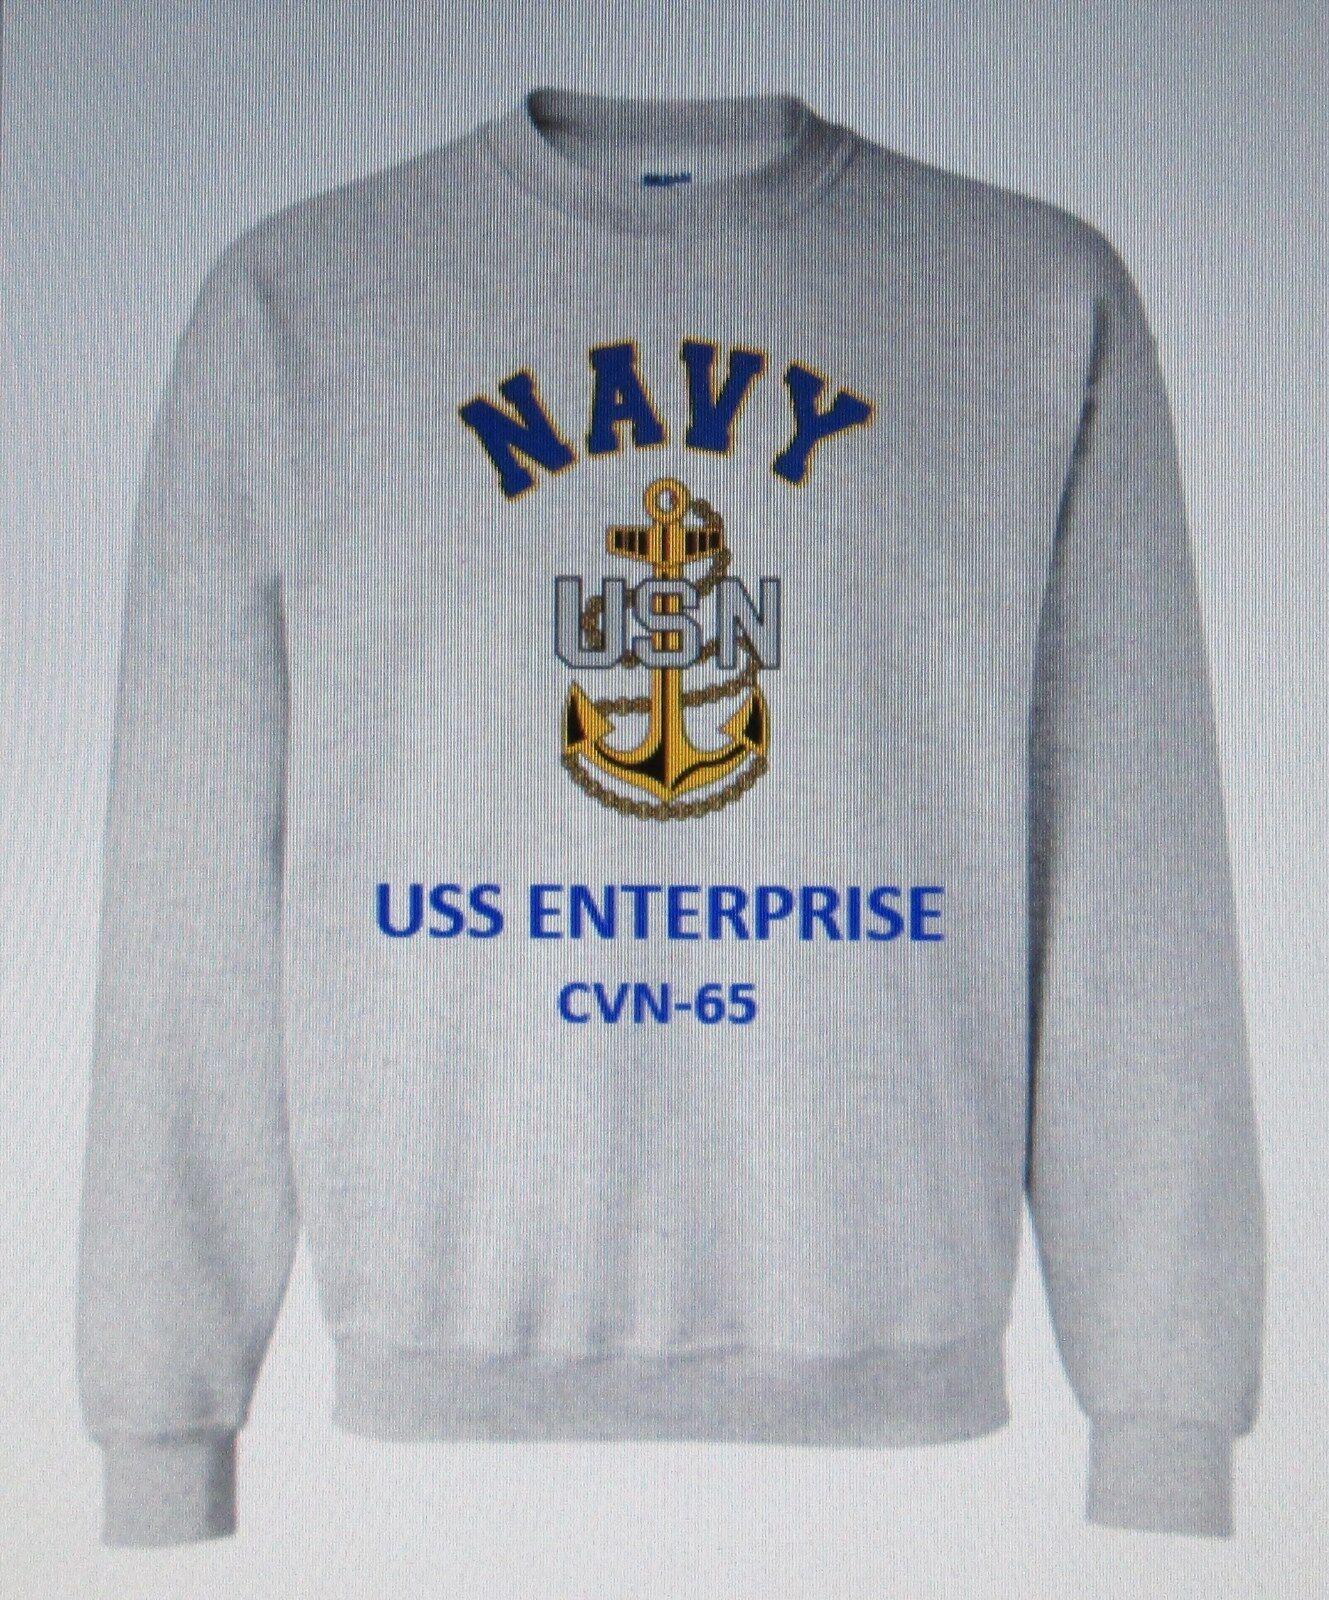 USS ENTERPRISE  CVN-65 AIRCRAFT CARRIER NAVY ANCHOR EMBLEM SWEATSHIRT